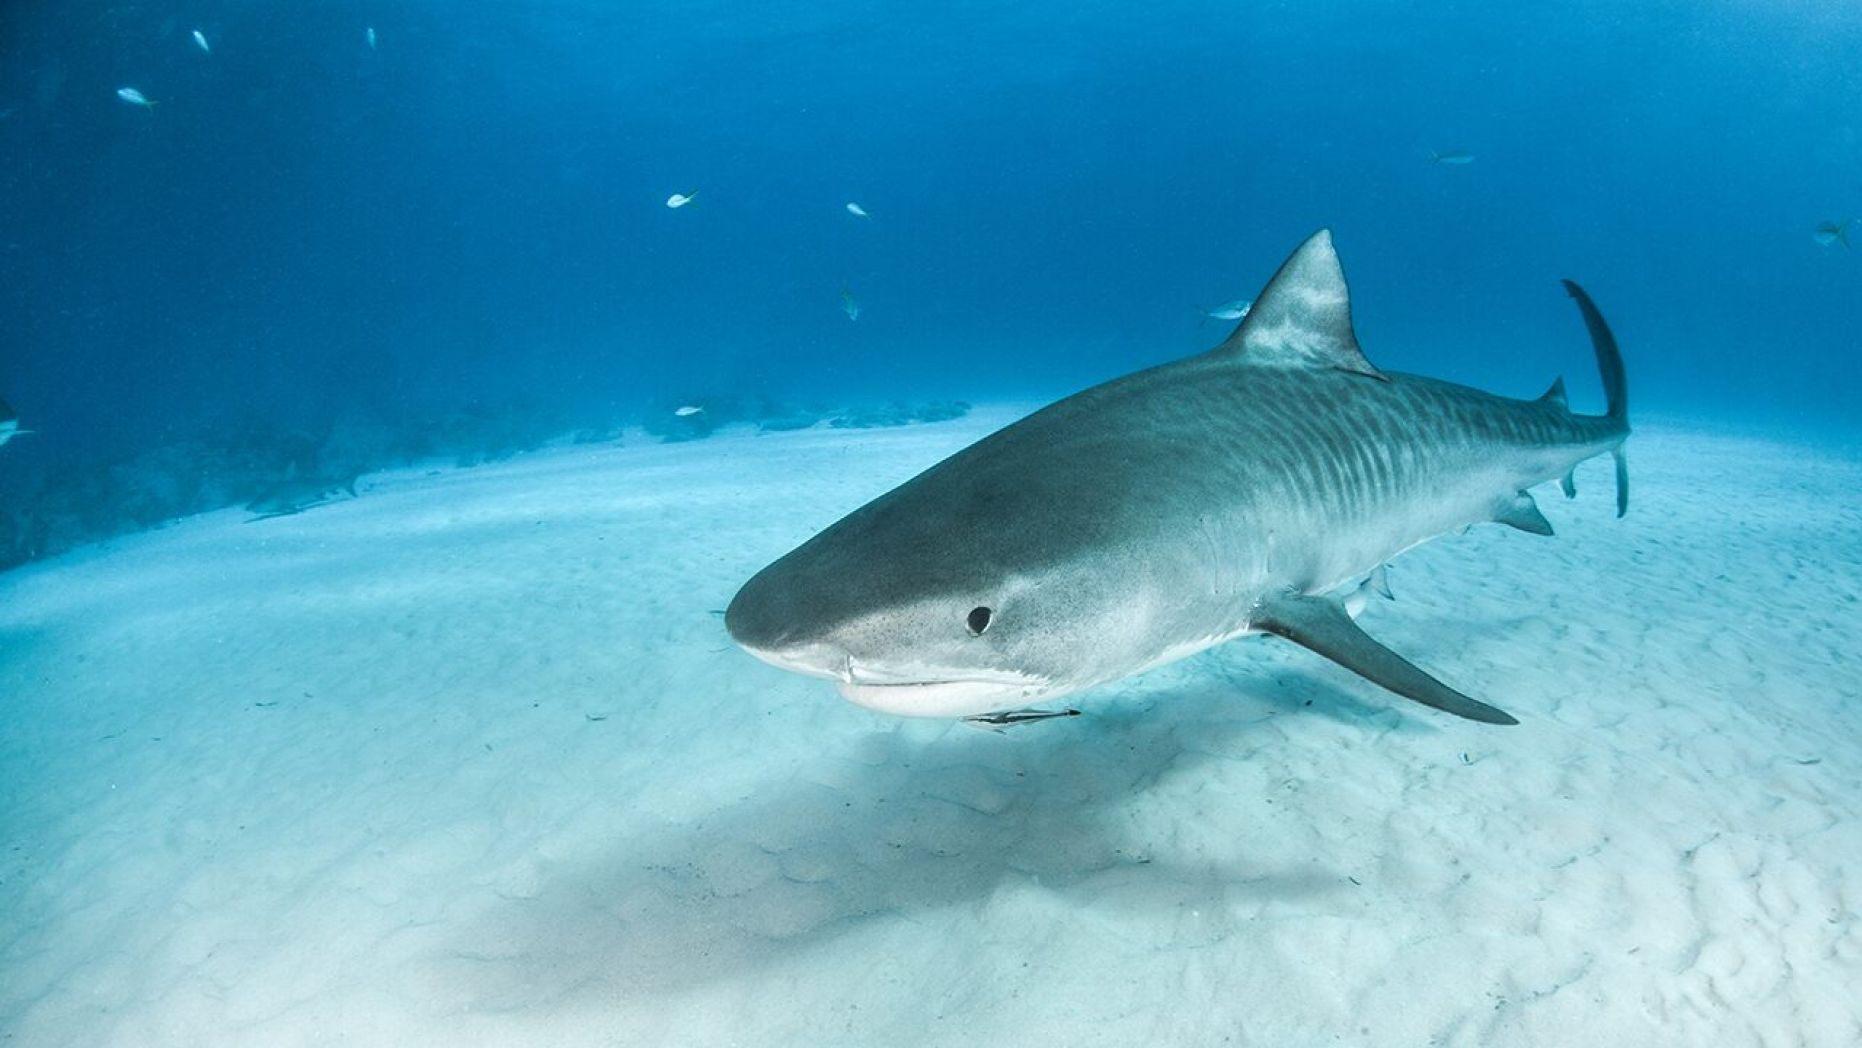 Акулу весом 314 кг поймал ребенок из Австралии, фото | СЕГОДНЯ